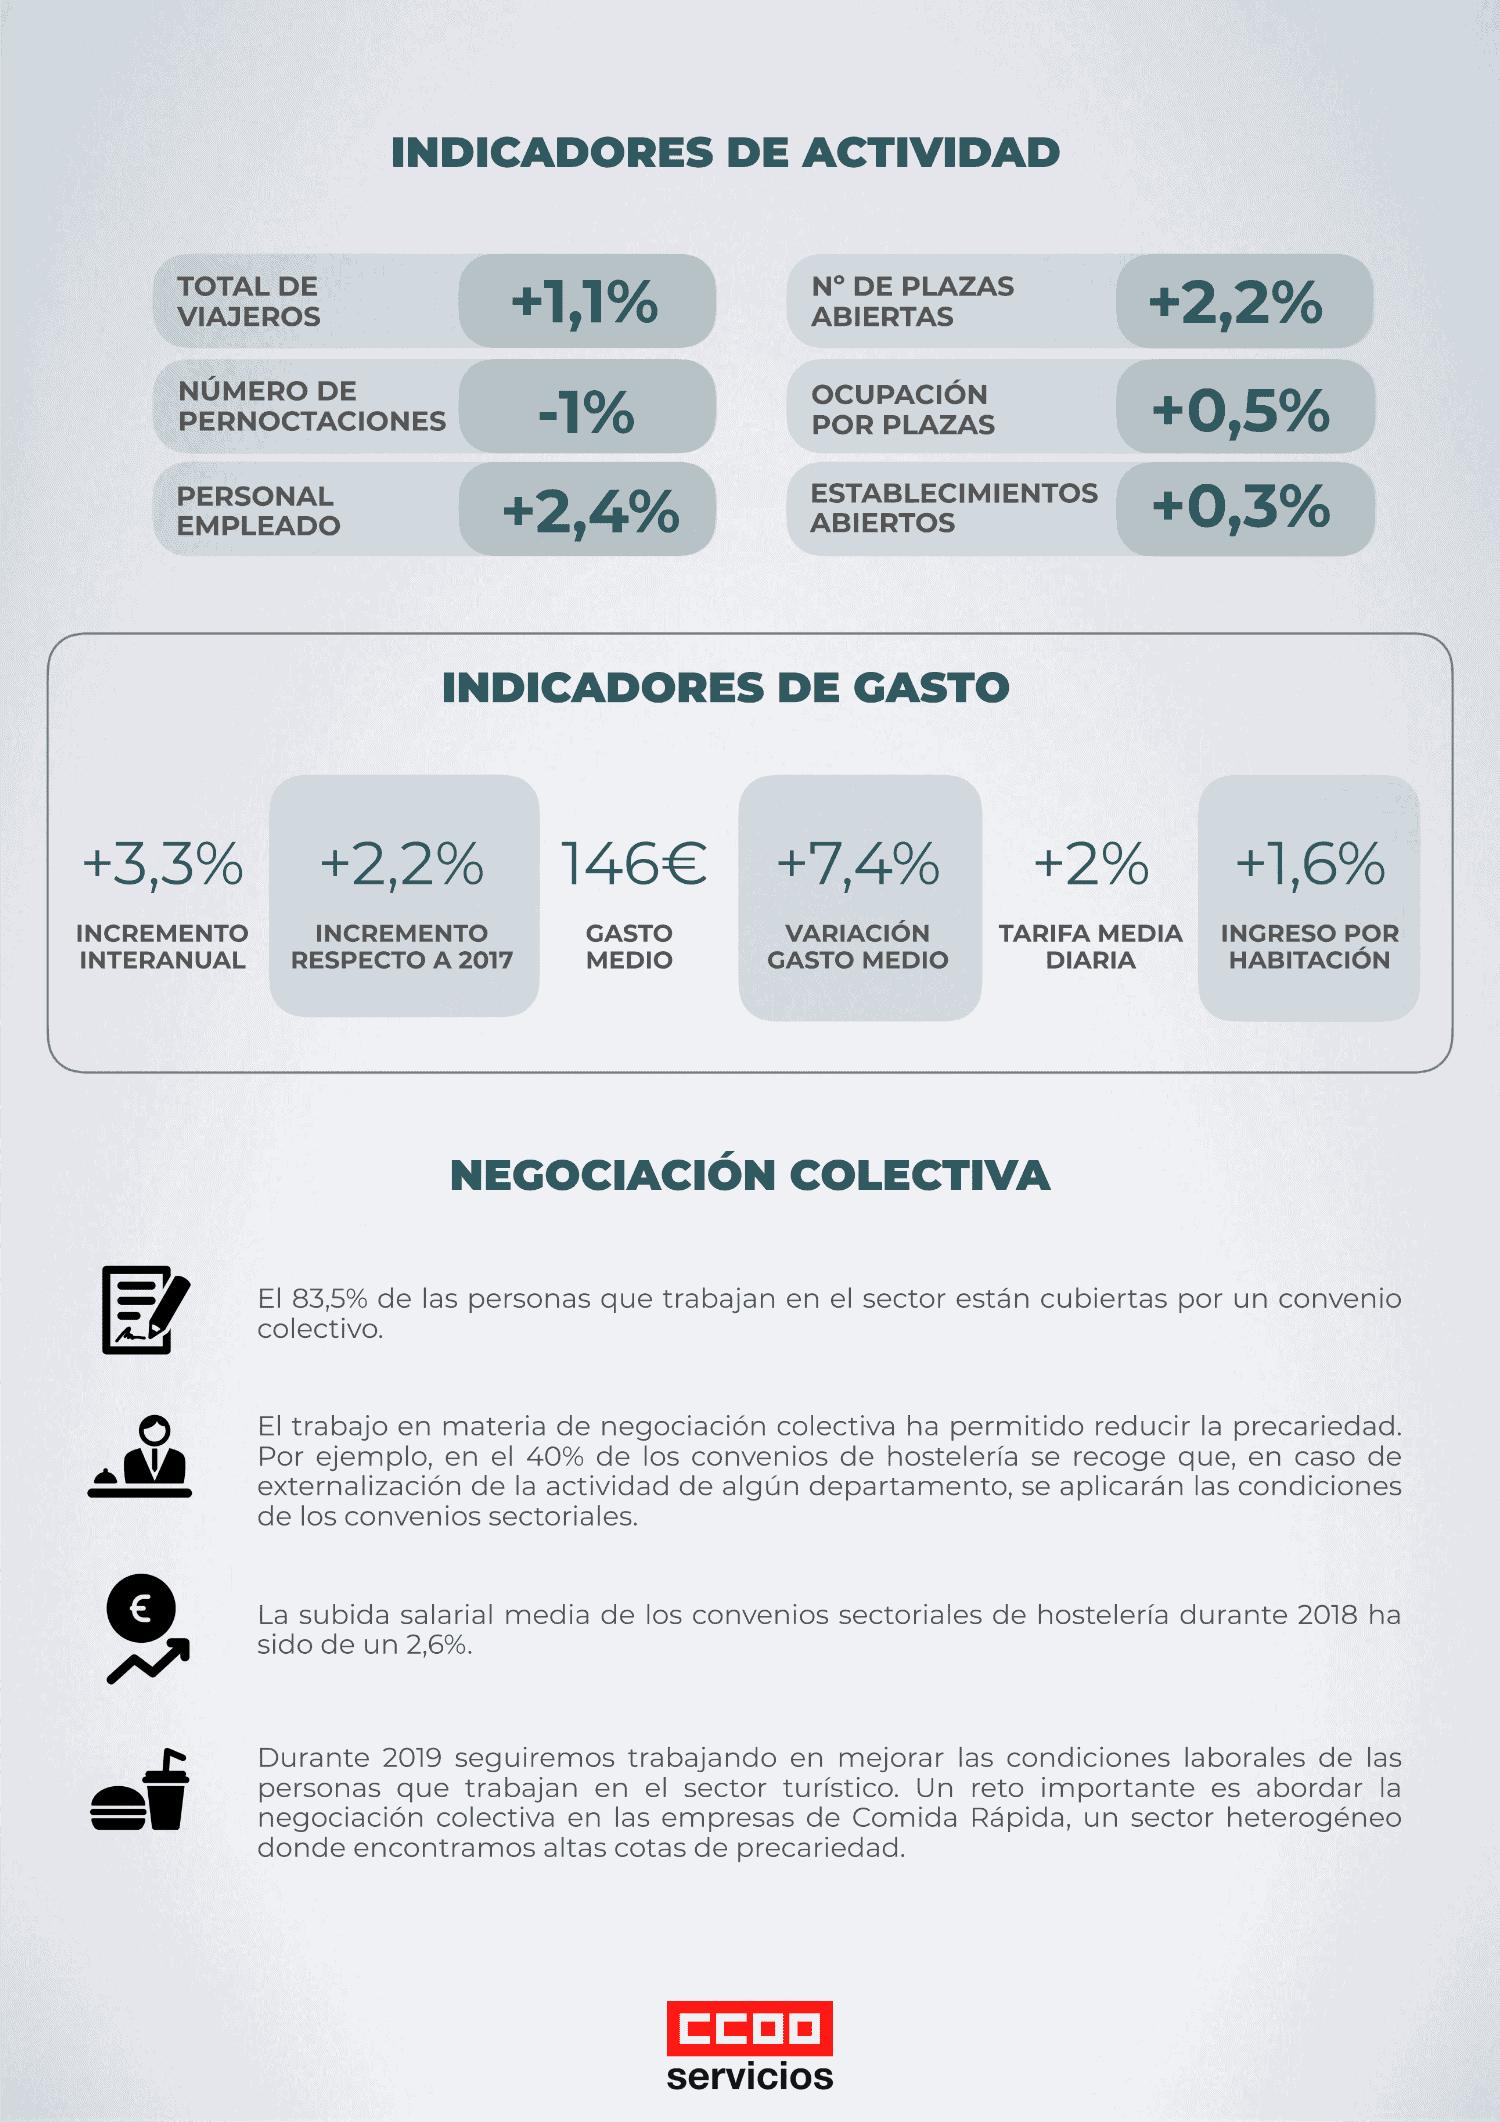 Infografia indicadores turisticos españoles